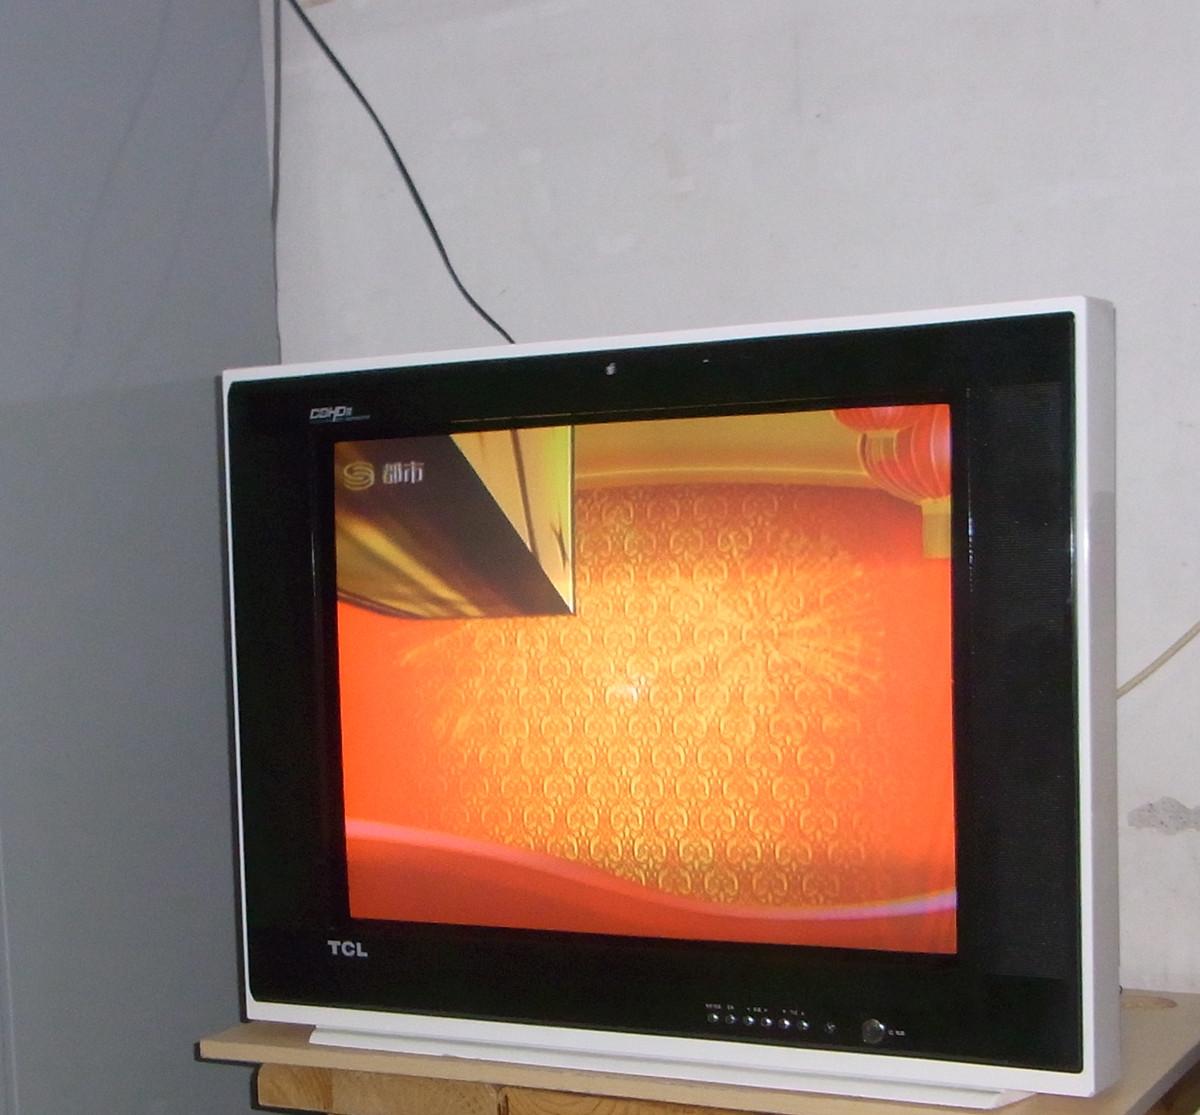 转让高清tcl电视机,tcl电冰箱.